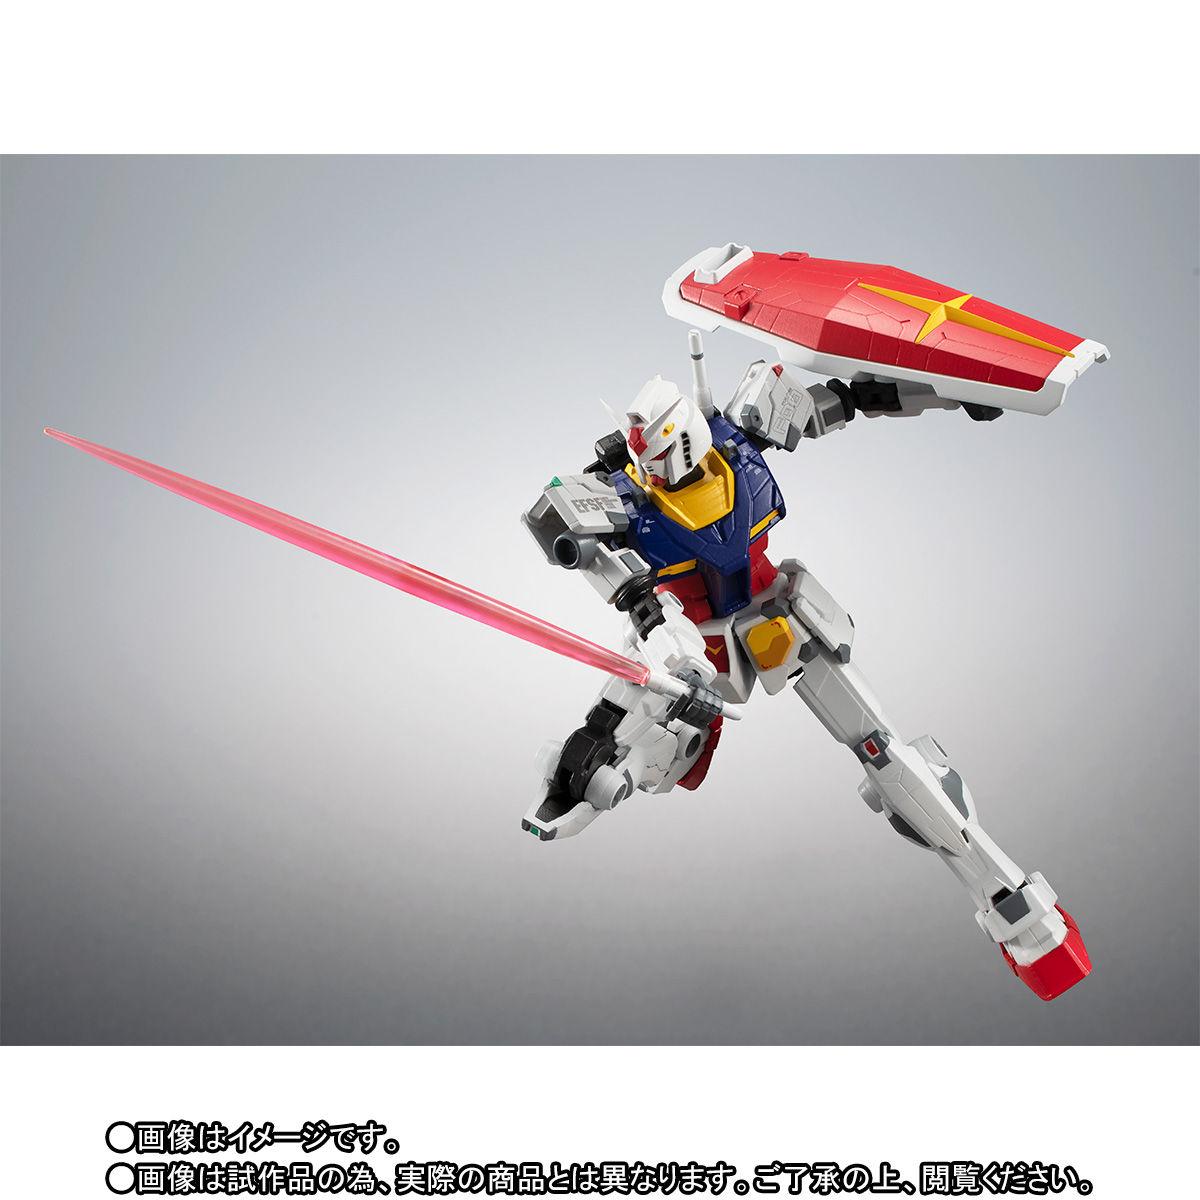 【限定販売】ROBOT魂〈SIDE MS〉『RX-78F00 ガンダム』可動フィギュア-007